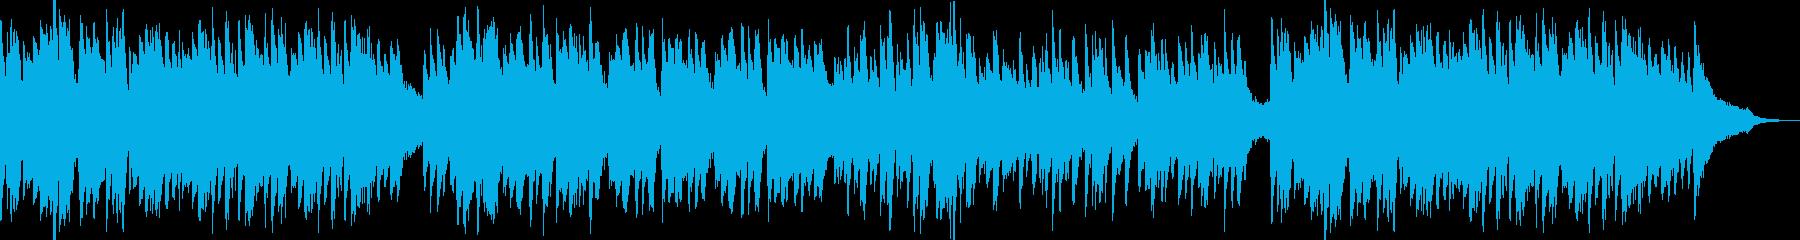 感動的なシーンのBGMに使えるピアノ曲の再生済みの波形